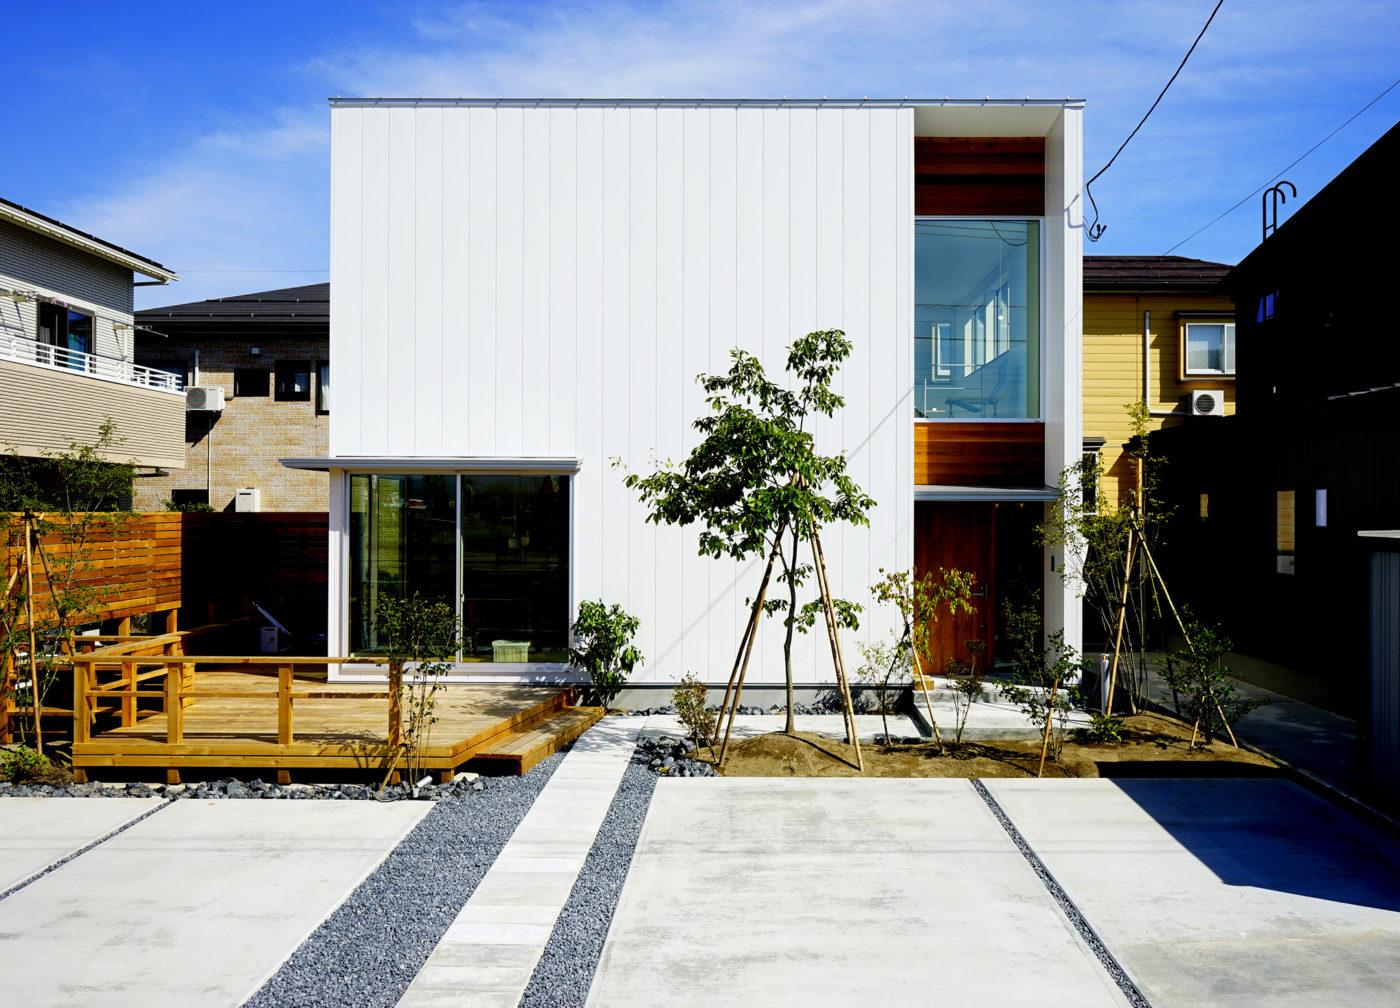 【見学予約受付中】長岡希望が丘 ROMOモデルハウス見学会